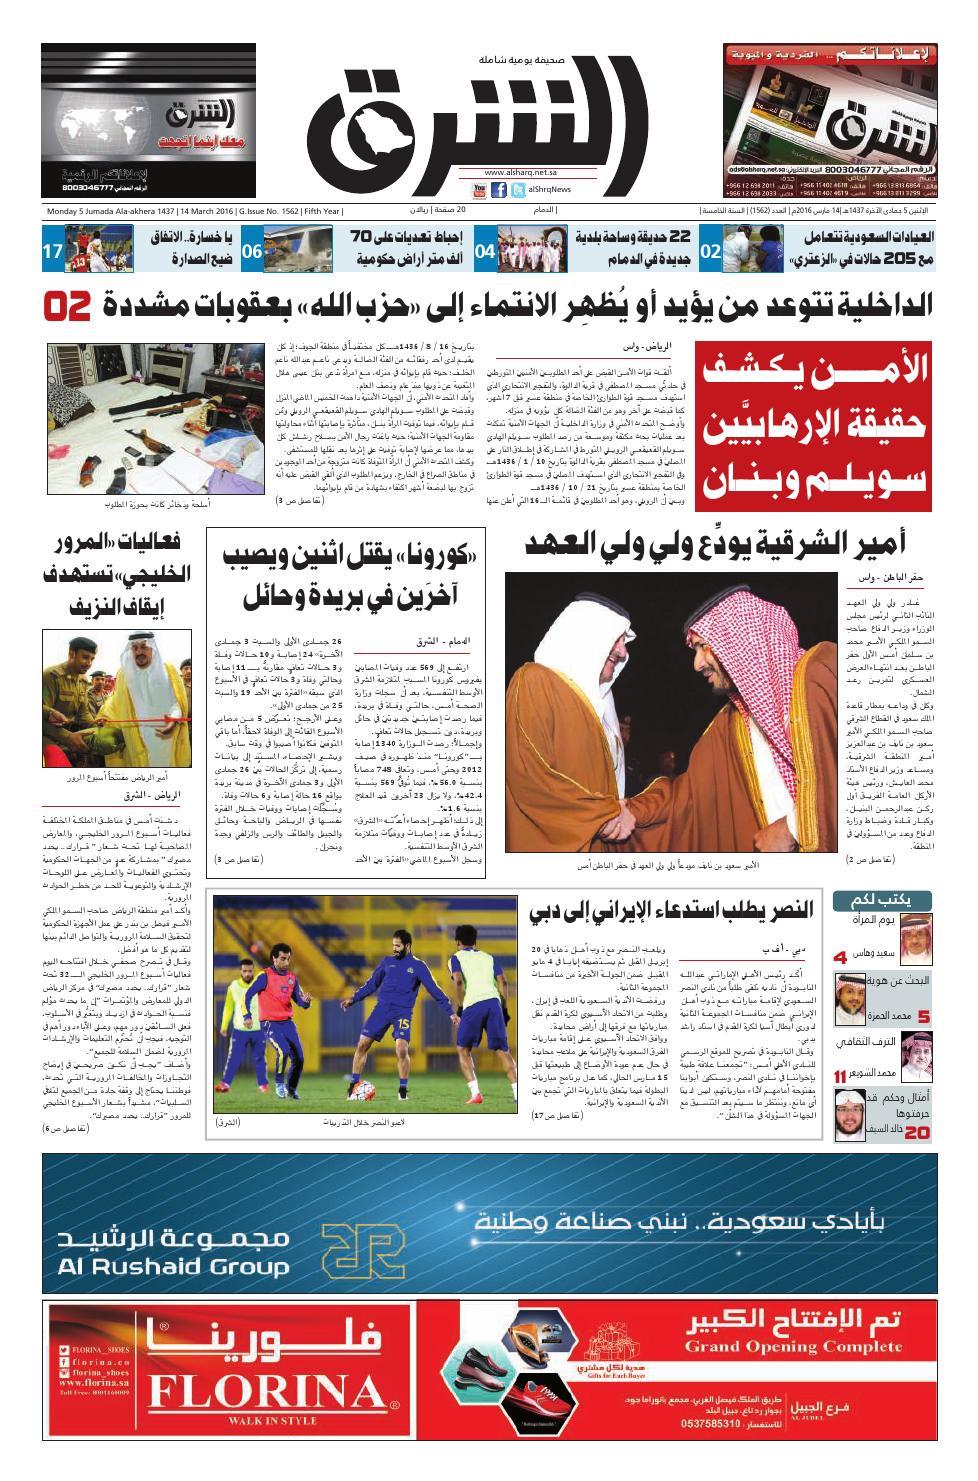 7e876d6fe صحيفة الشرق - العدد 1562 - نسخة الدمام by صحيفة الشرق السعودية - issuu